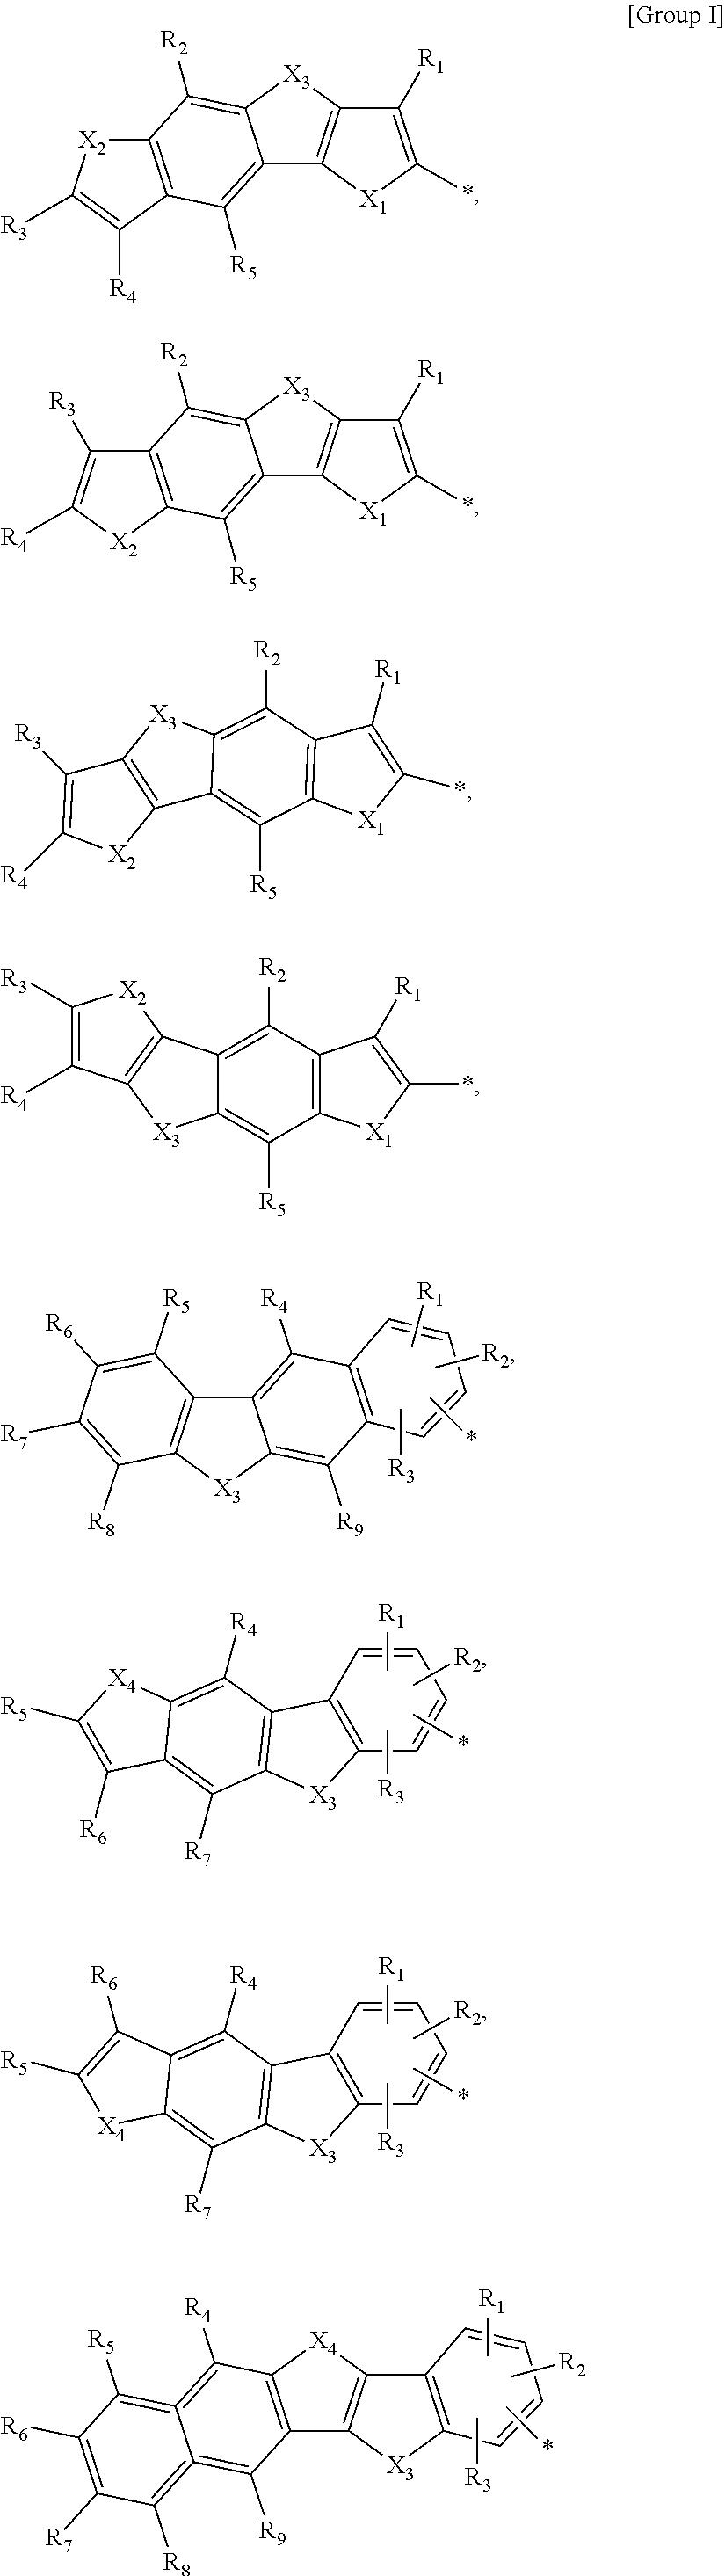 Figure US09985222-20180529-C00028